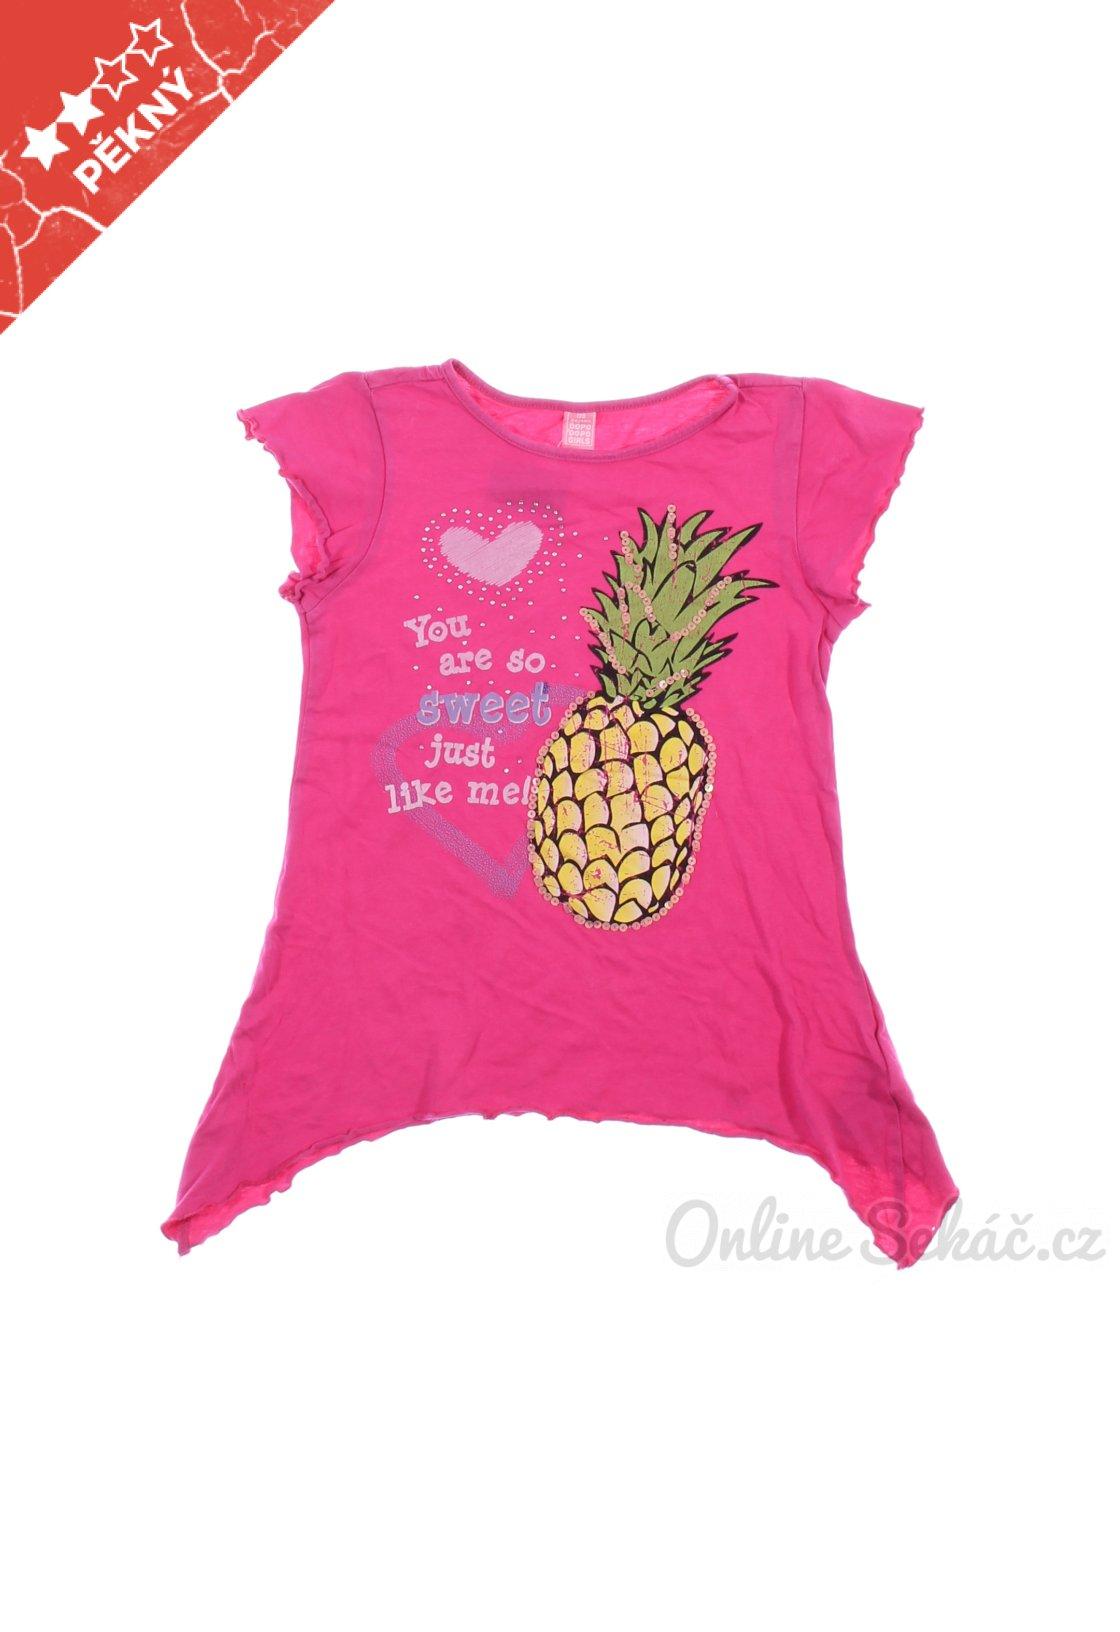 ce5a2ad7a Dětské tričko s potiskem DOPODOPO GIRLS 128, růžová #18240085652598